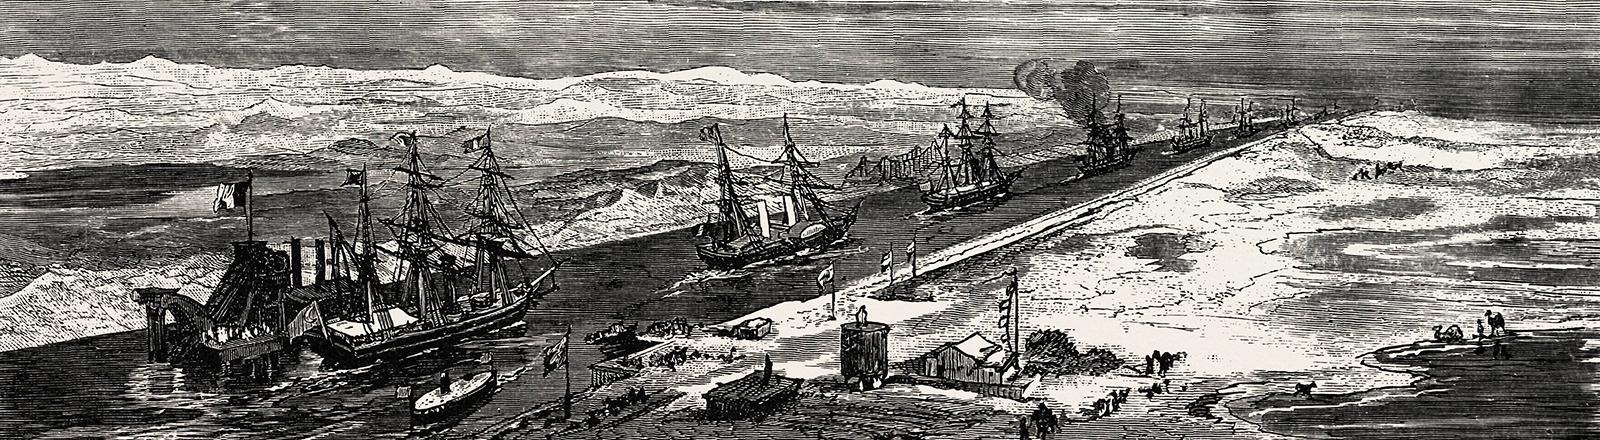 Im Jahr 1879 durchqueren mehrere Segelschiffe den Sueskanal